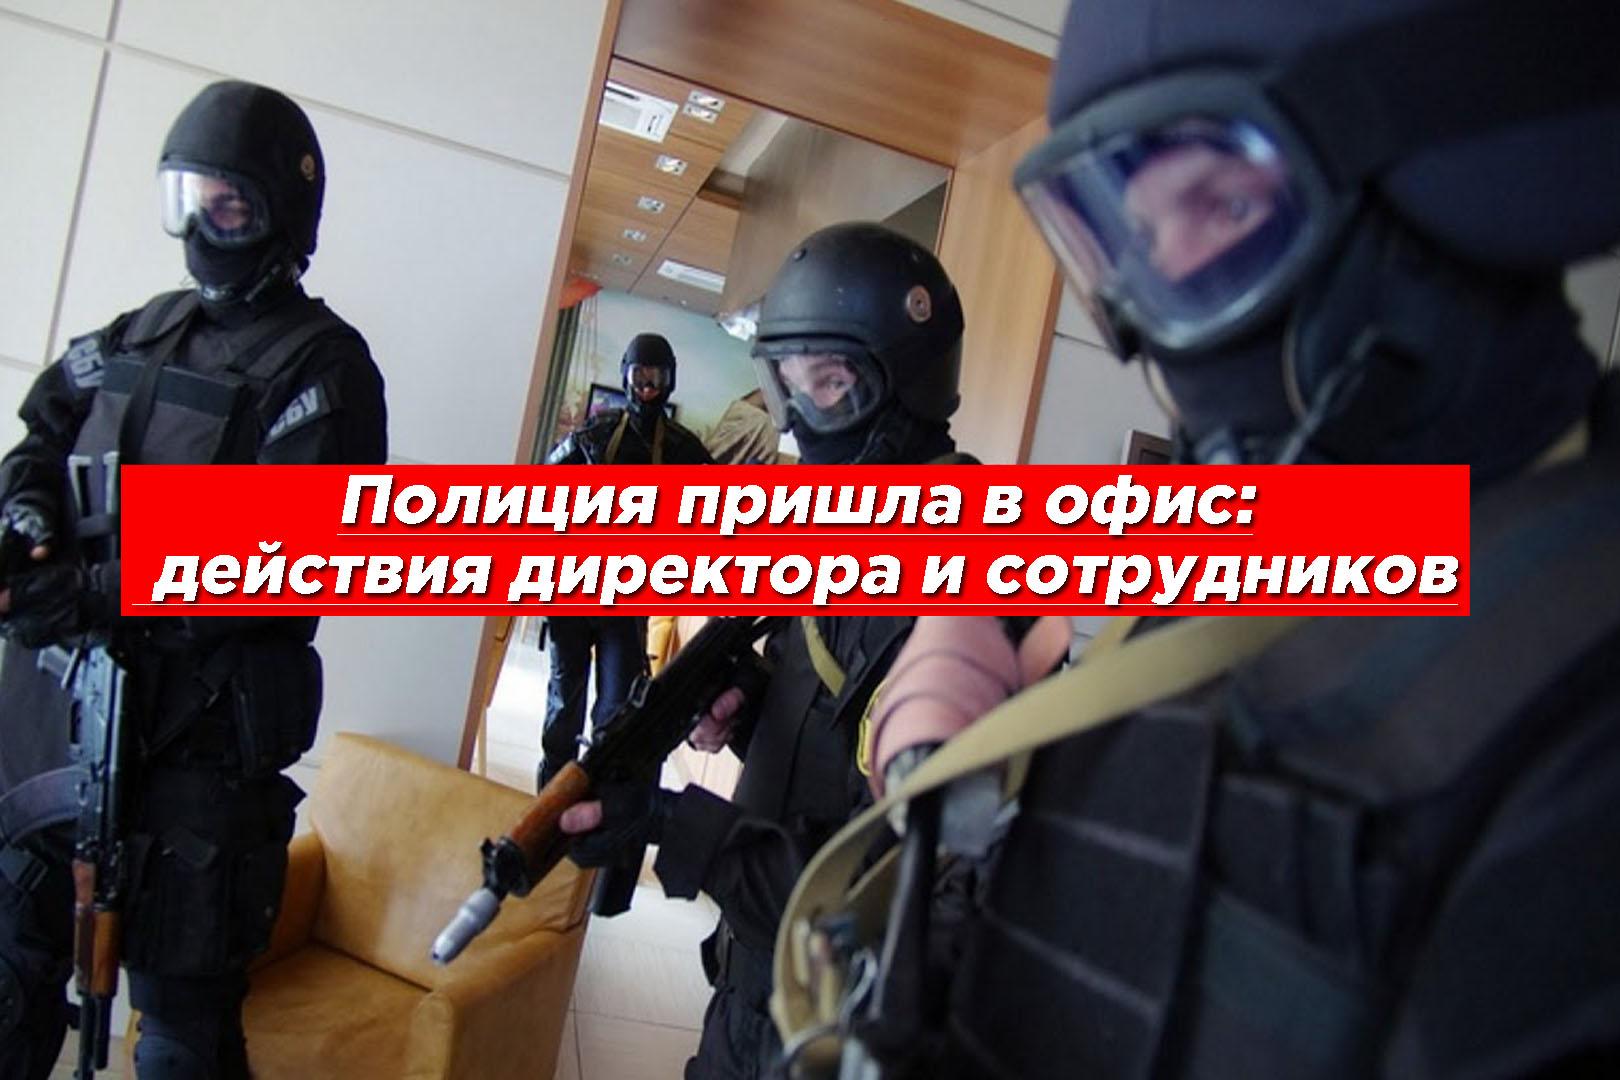 Полиция пришла в офис